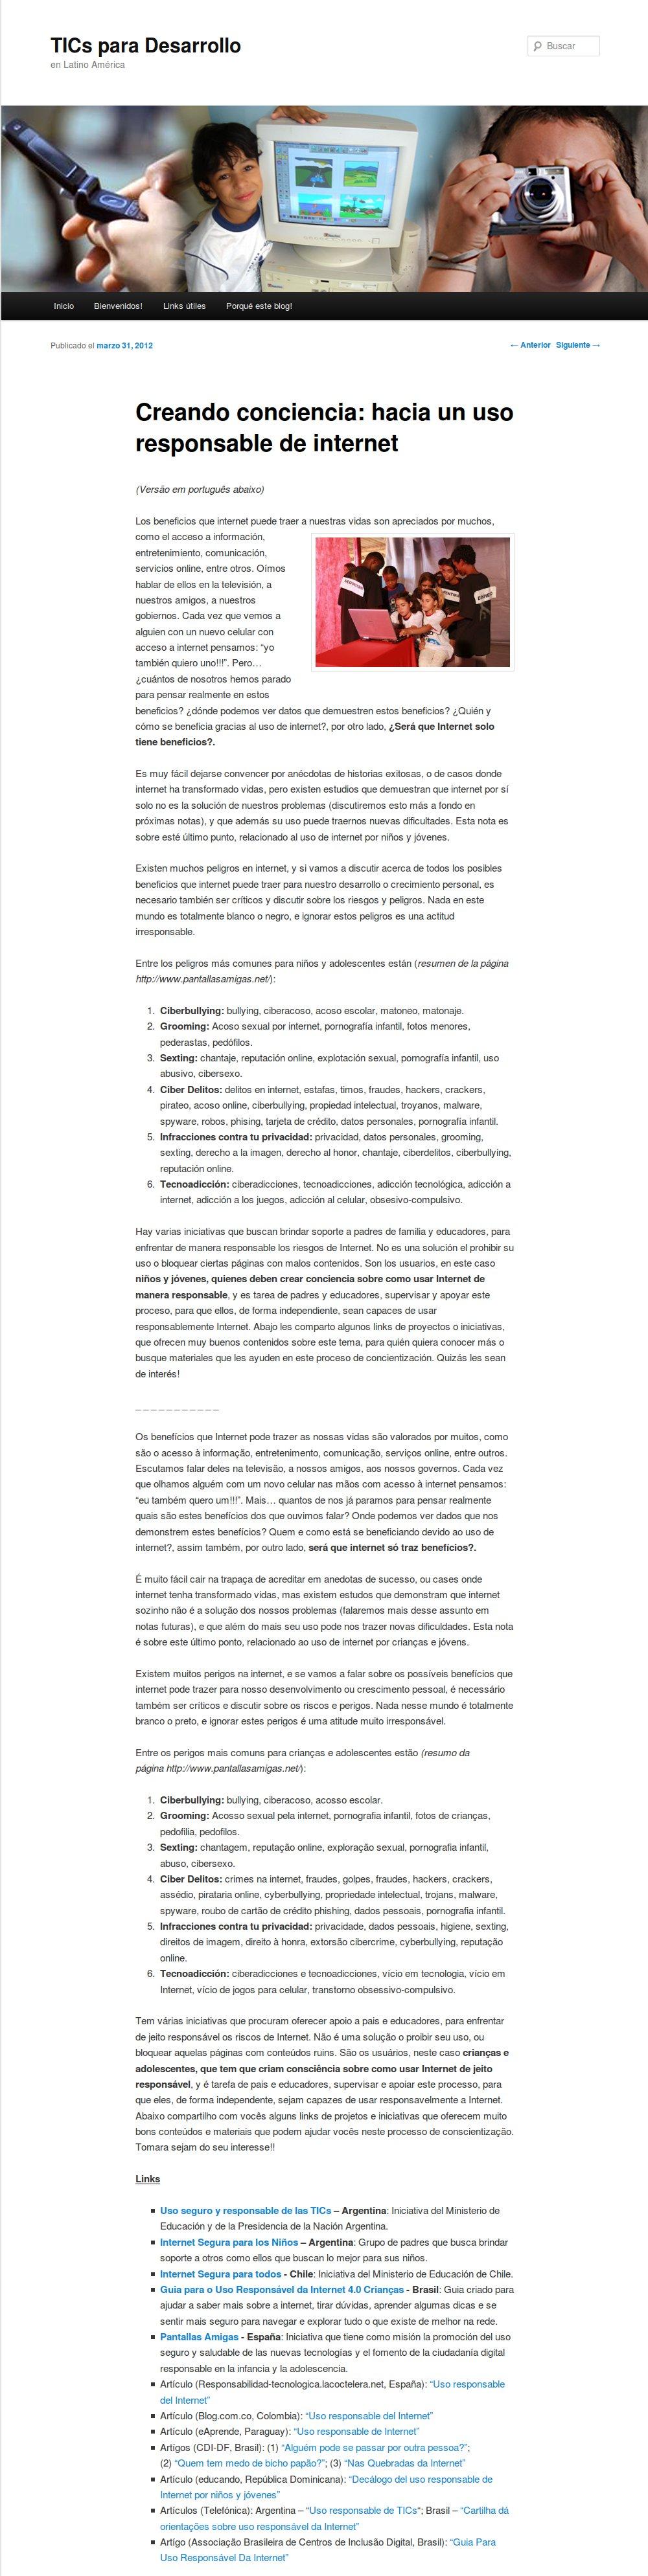 Creando conciencia: hacia un uso responsable de internet